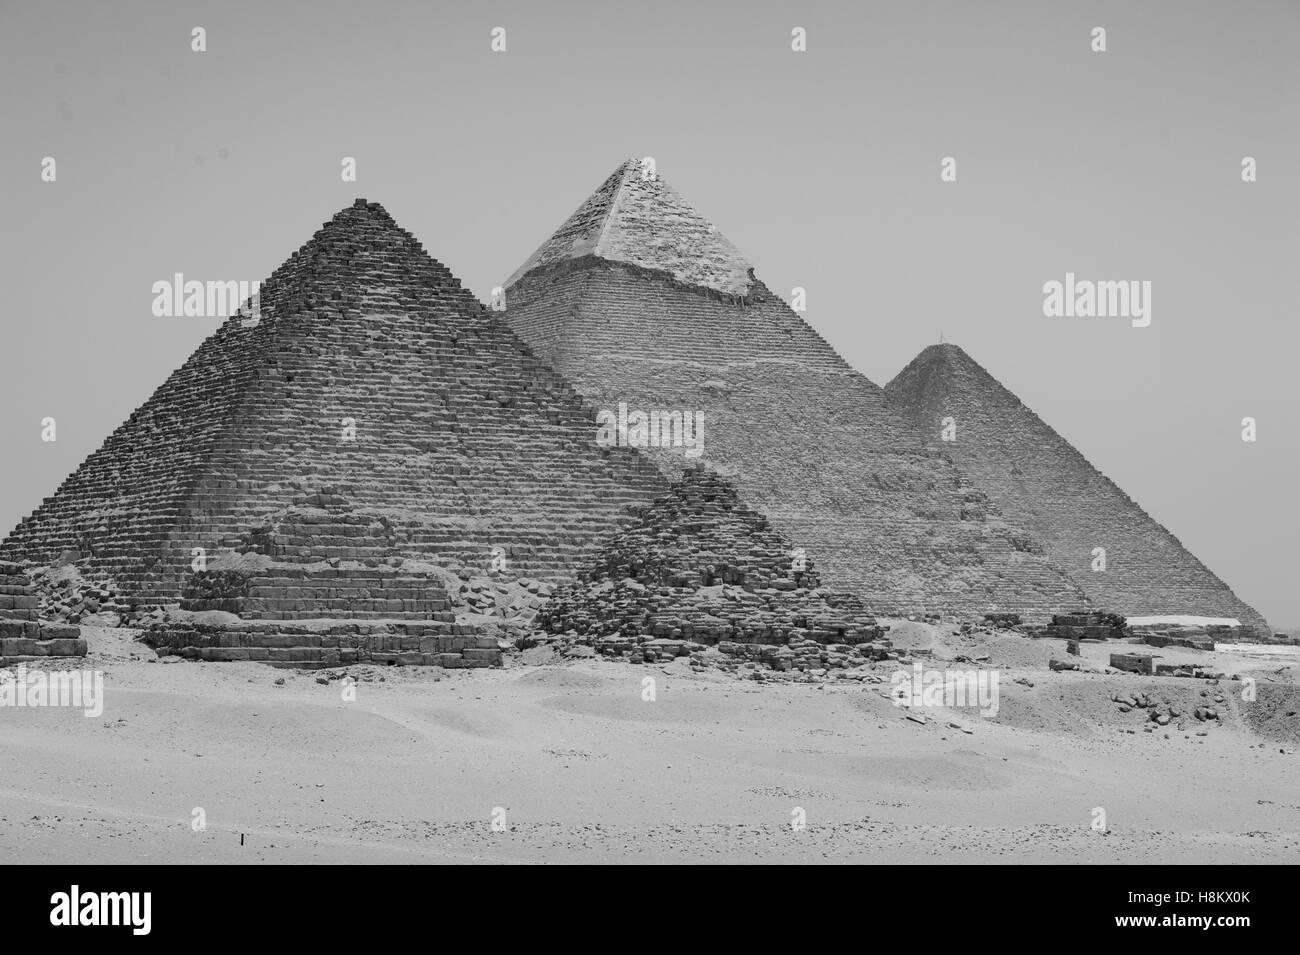 Kairo, Ägypten riesigen Sahara-Wüste mit den drei großen Pyramiden von Gizeh gegen einen wolkenlosen Stockbild